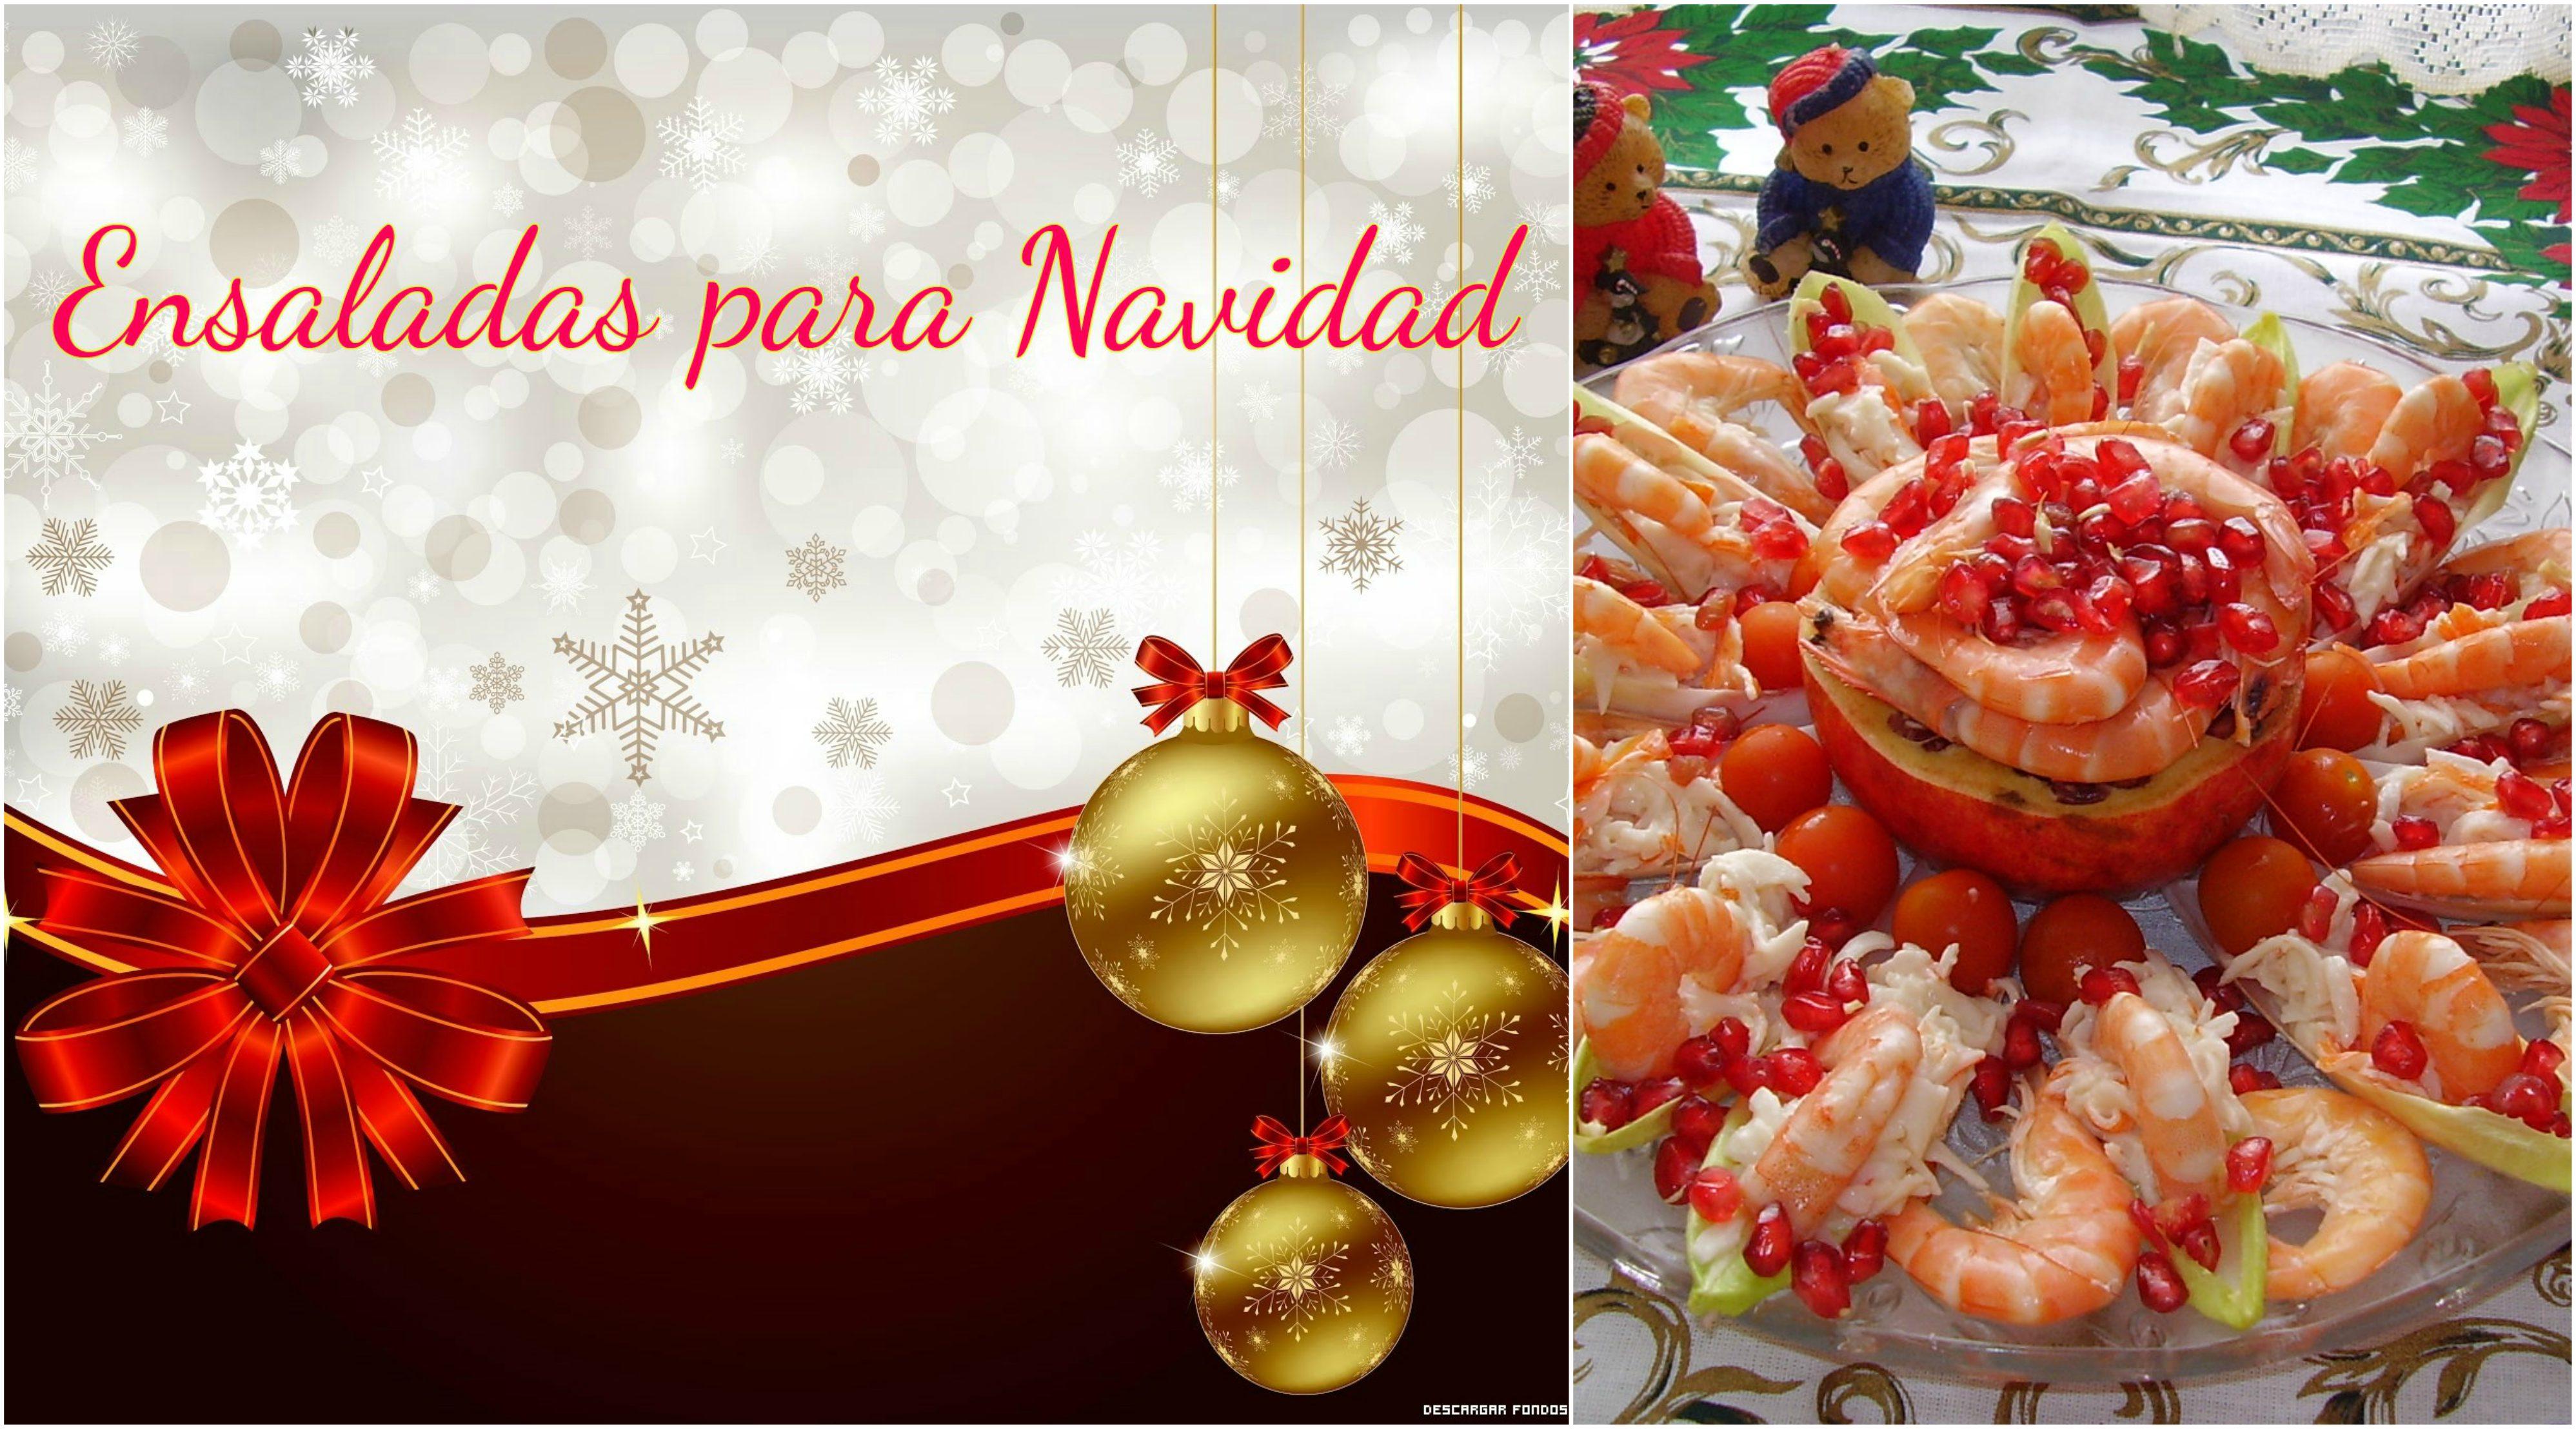 La cocina de pedro y yolanda cocina f cil recetas de for Cocina facil para navidad